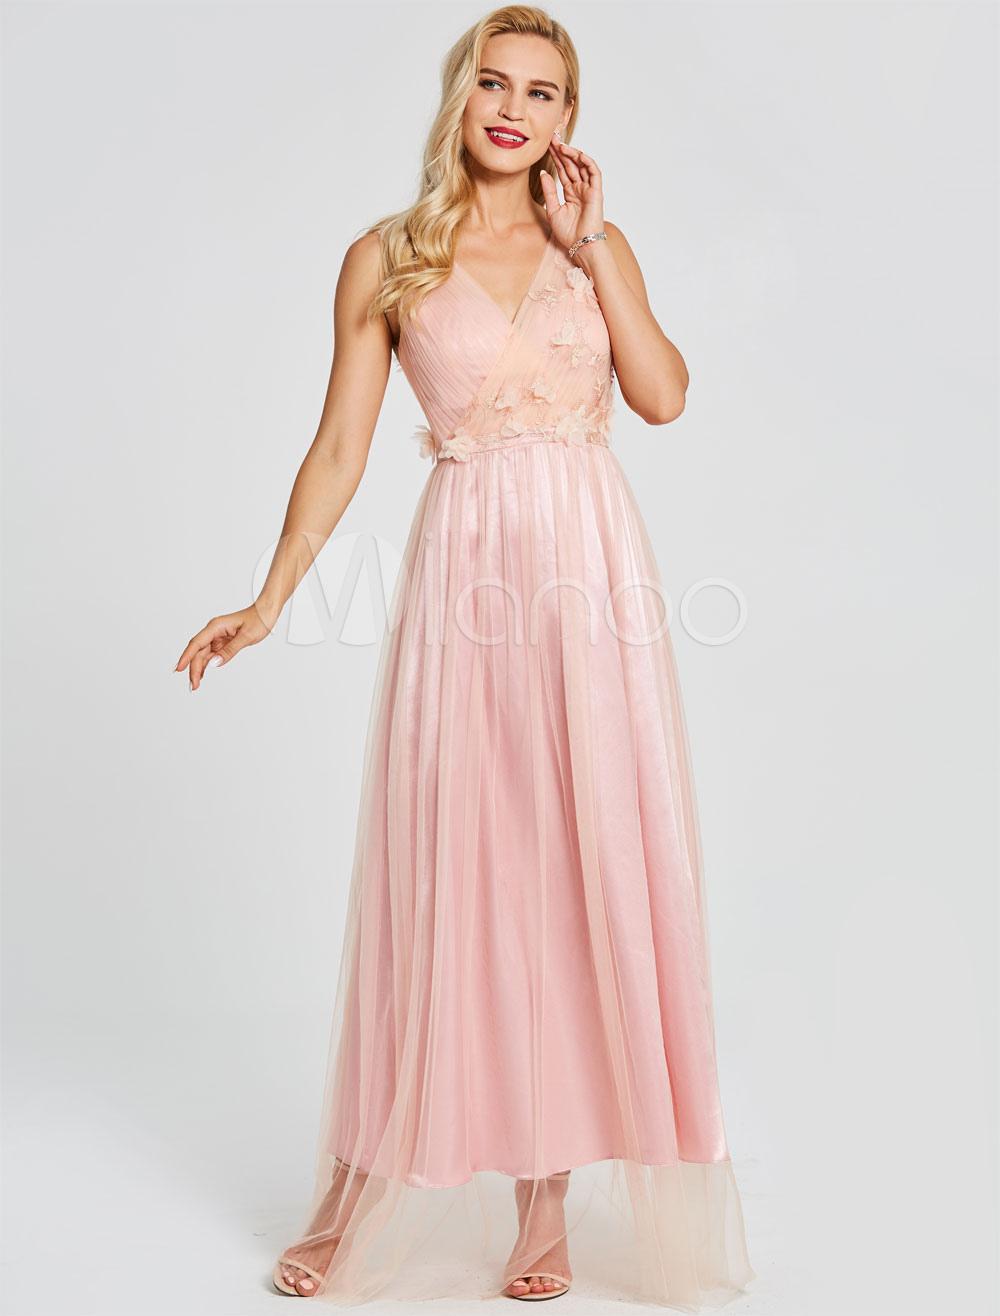 Vestidos de baile largos vestidos de fiesta de color rosa suave con ...